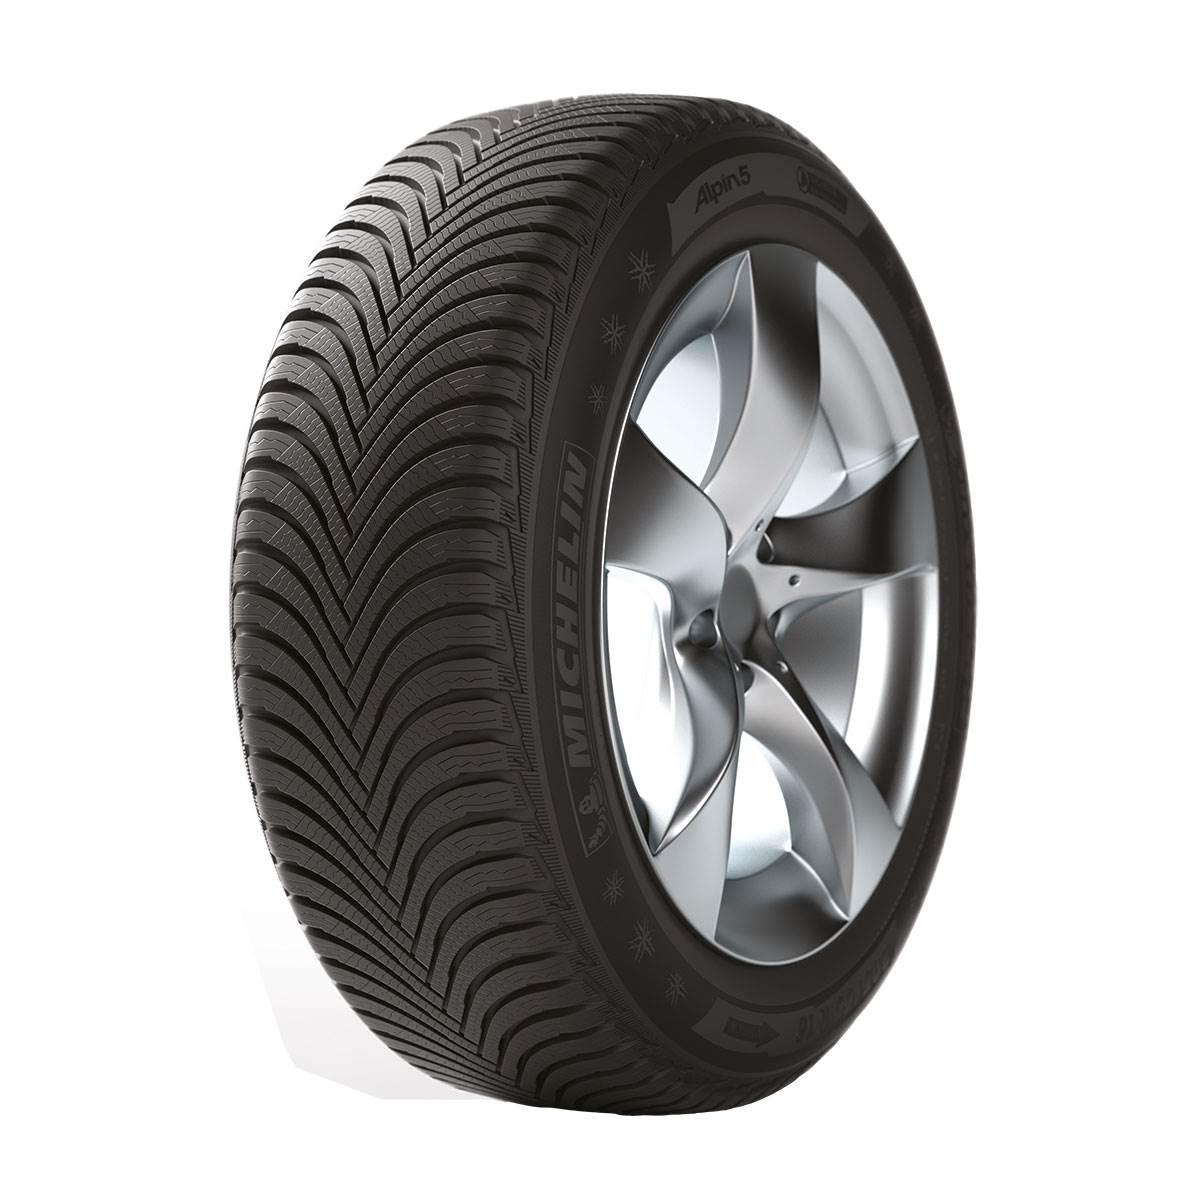 Pneu Hiver Michelin 205/55R17 95H Alpin A5 XL